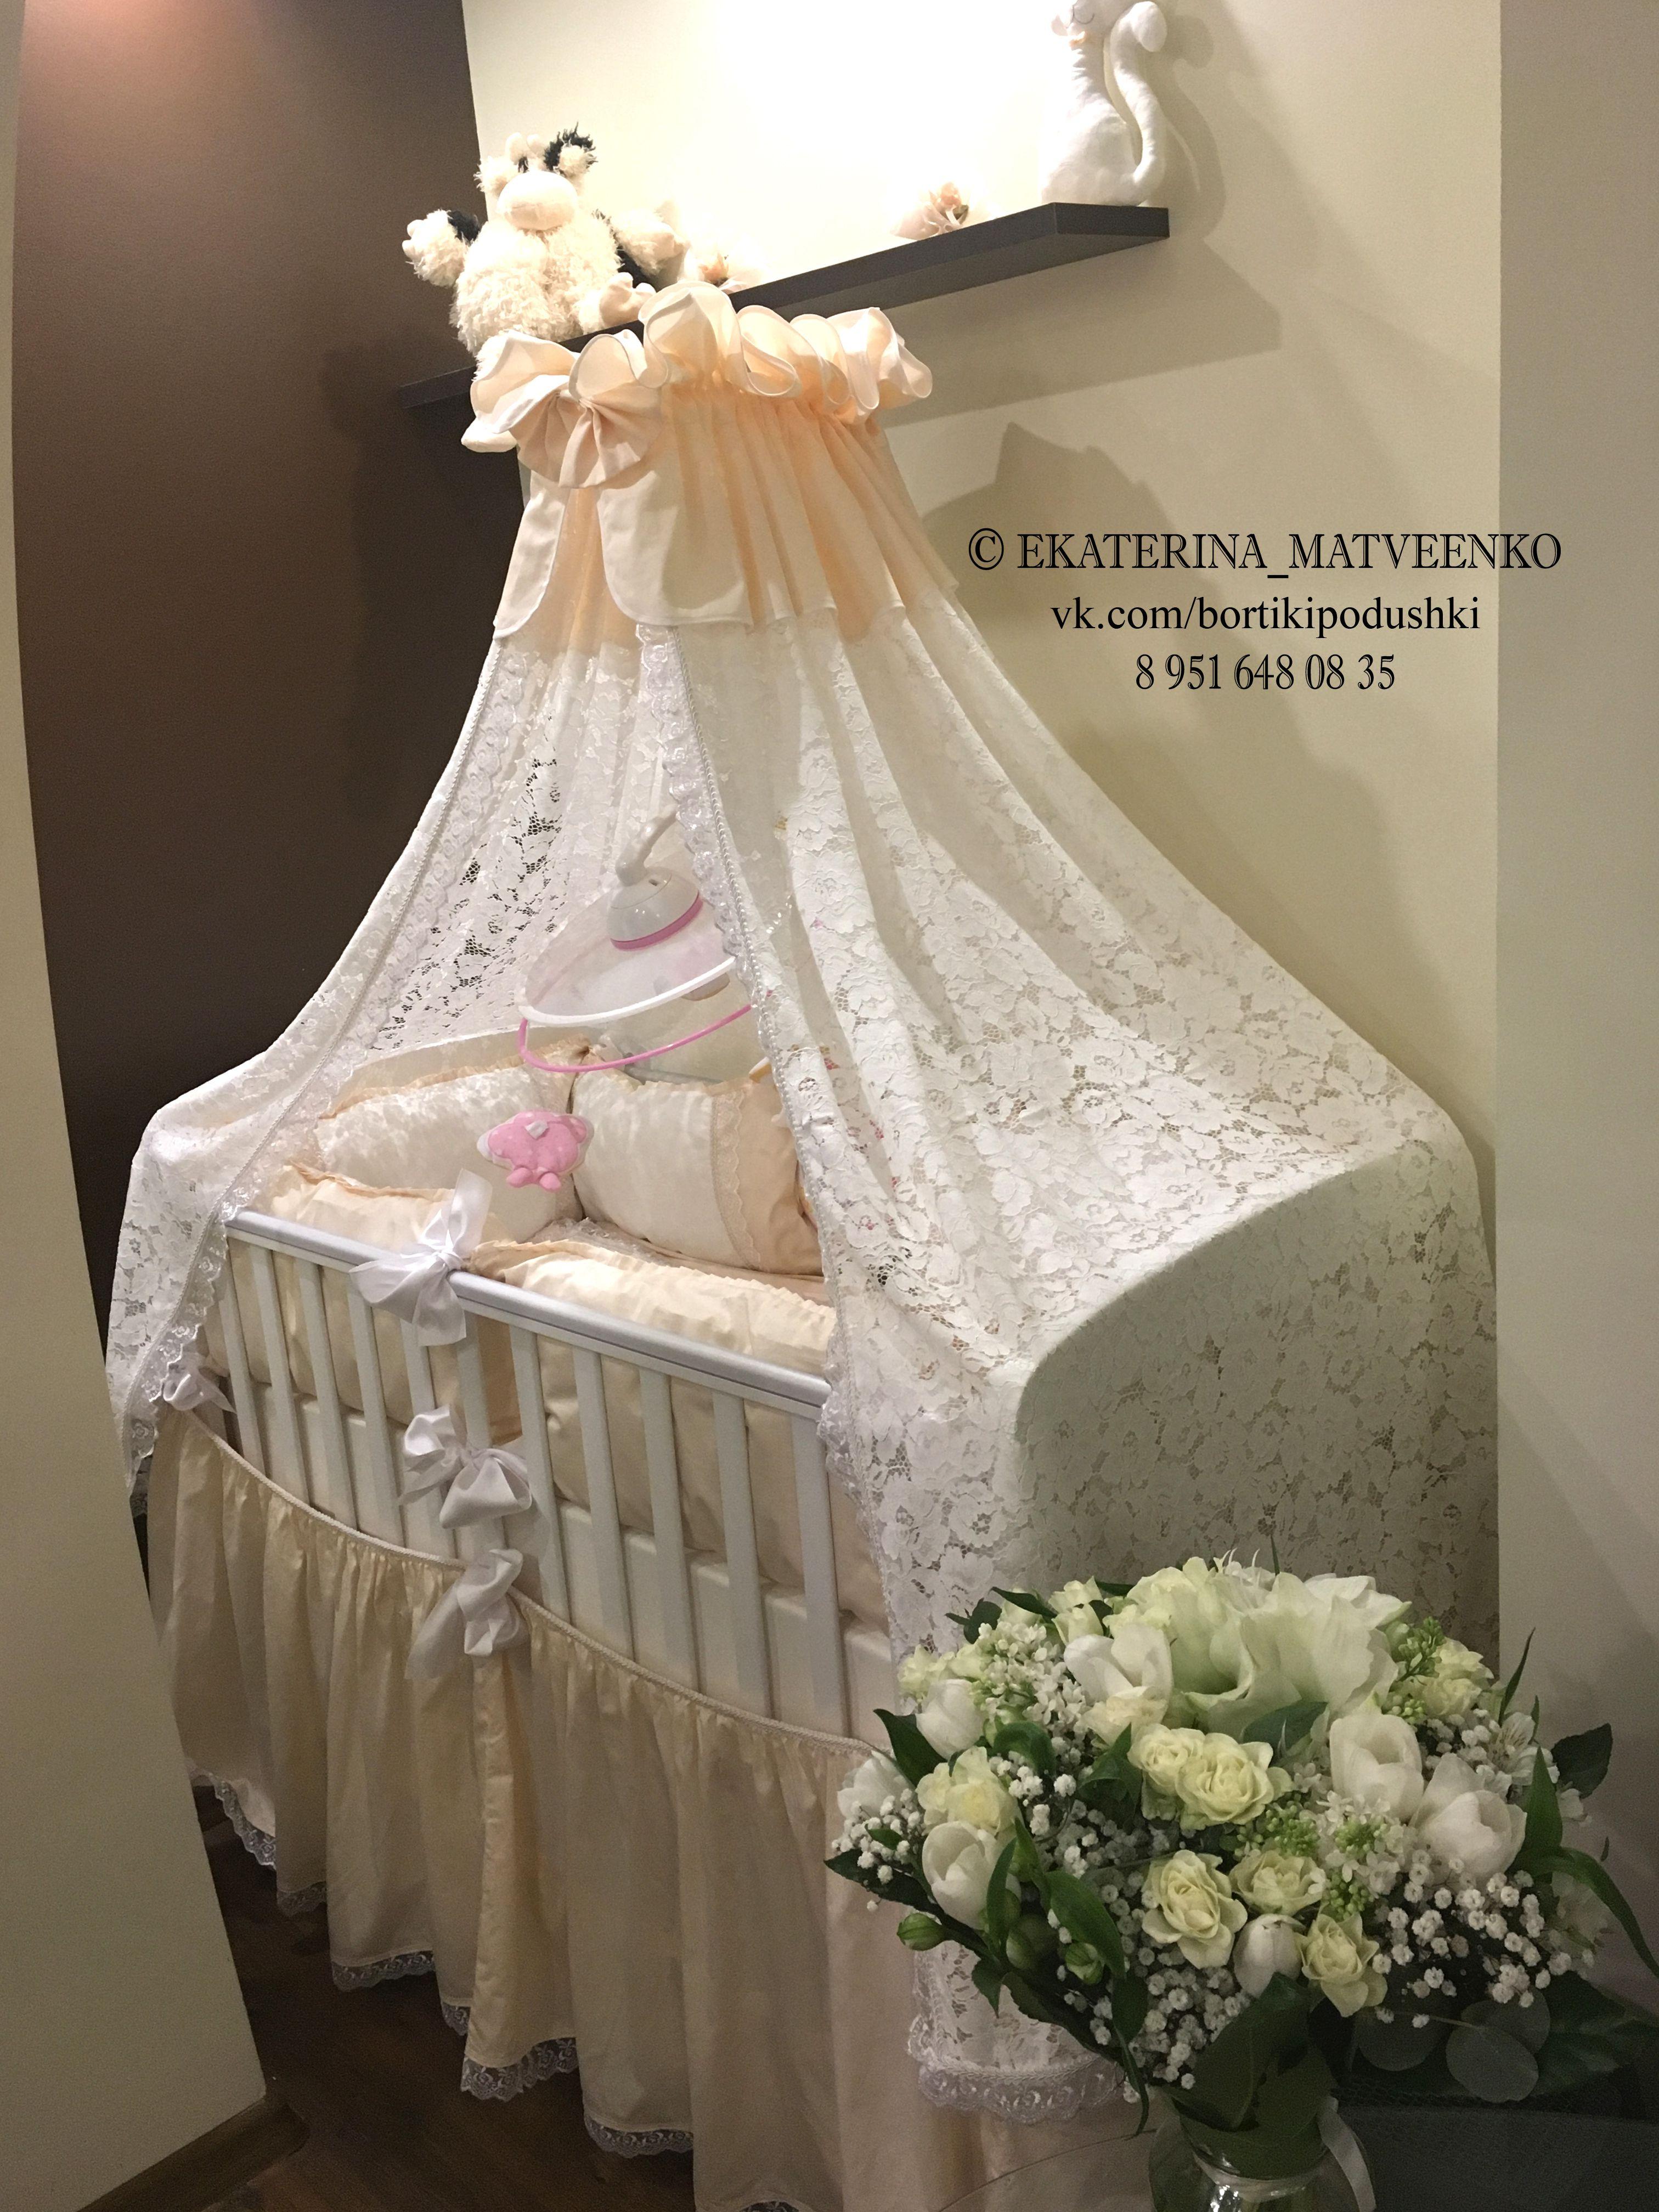 покрывало дети бортики кружево рюши вкроватку юбка подзор премиум балдахин